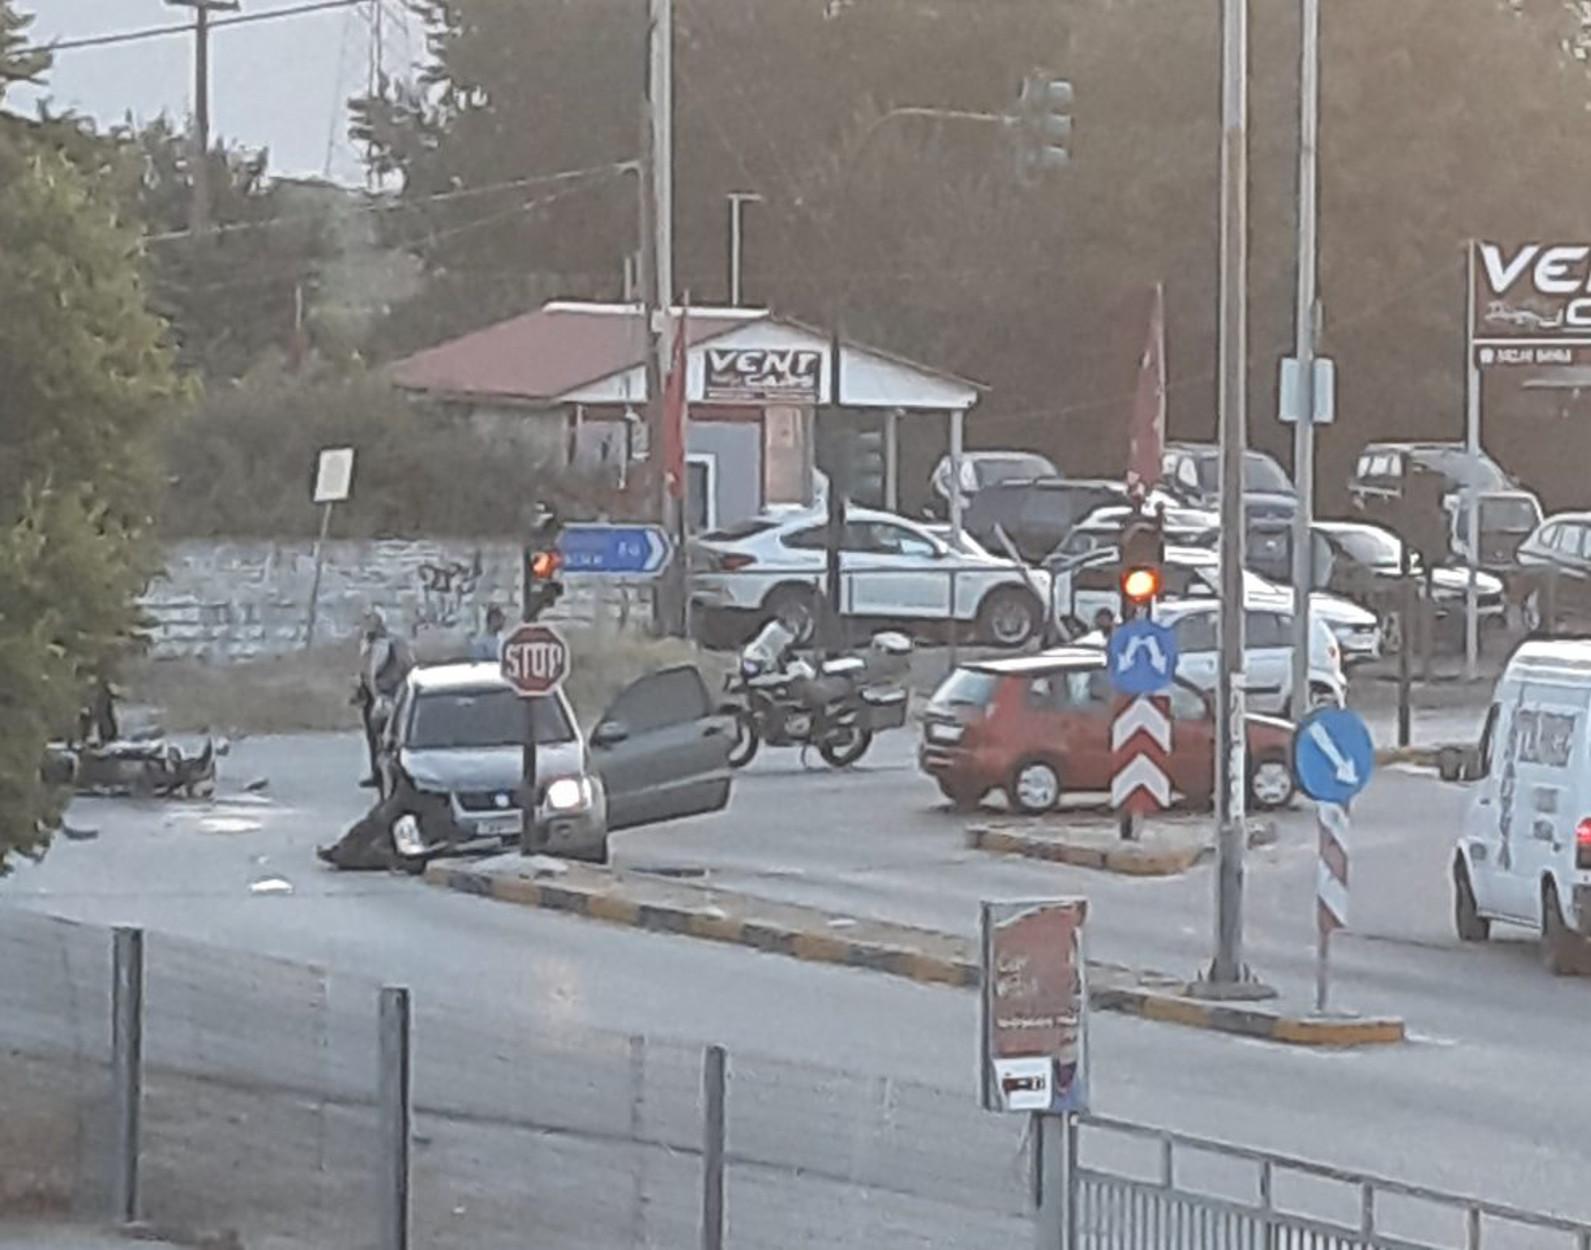 Λάρισα: Αυτοκίνητο χτύπησε μηχανή – Σοβαρά τραυματισμένος ο οδηγός που «εκτινάχτηκε» και έπεσε σε φανάρι